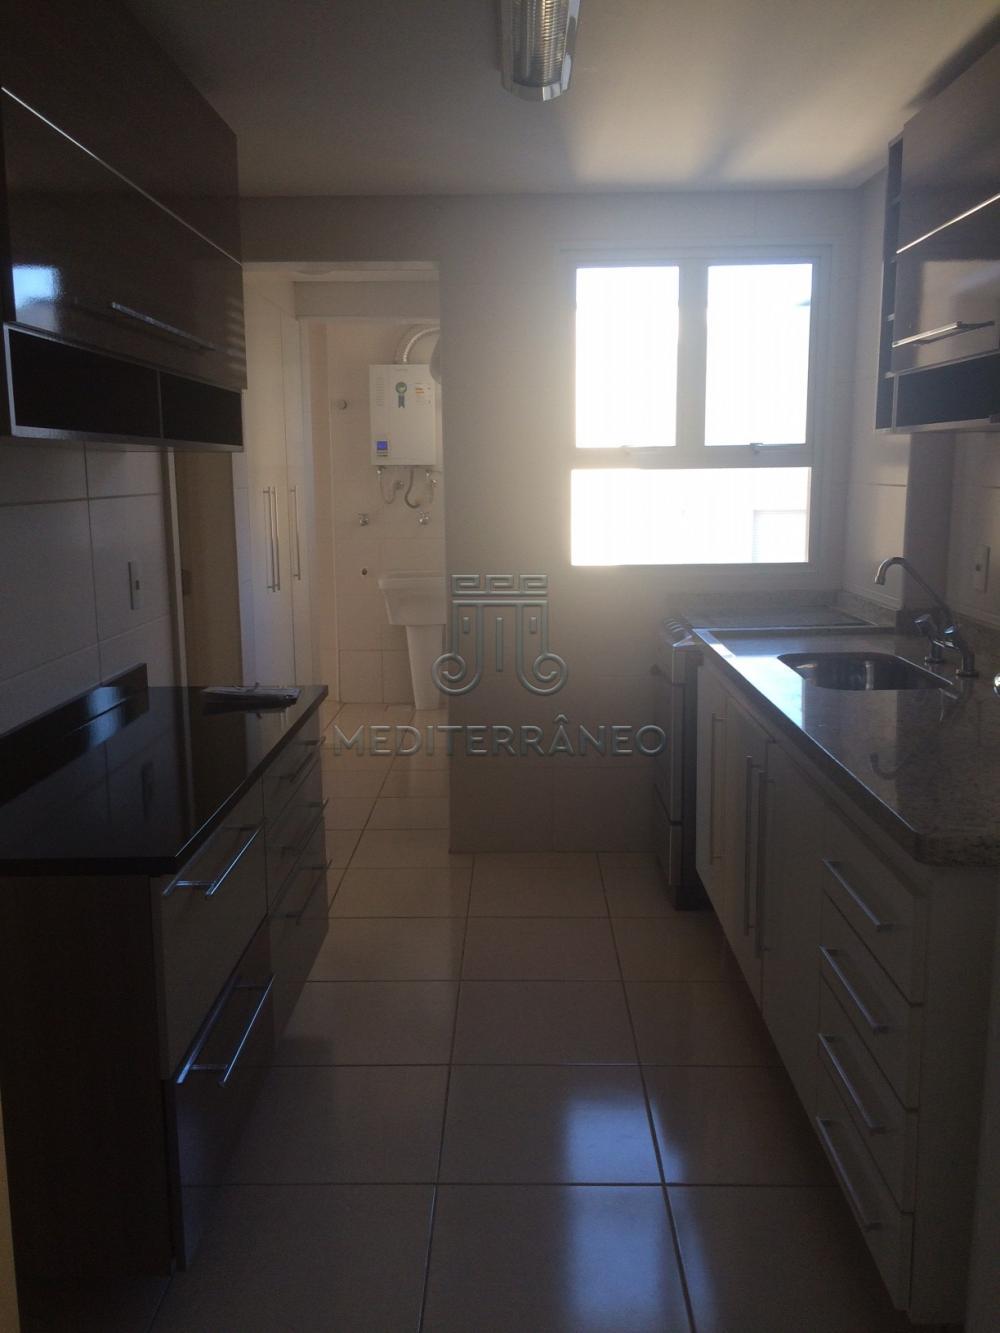 Alugar Apartamento / Padrão em Jundiaí apenas R$ 3.200,00 - Foto 4